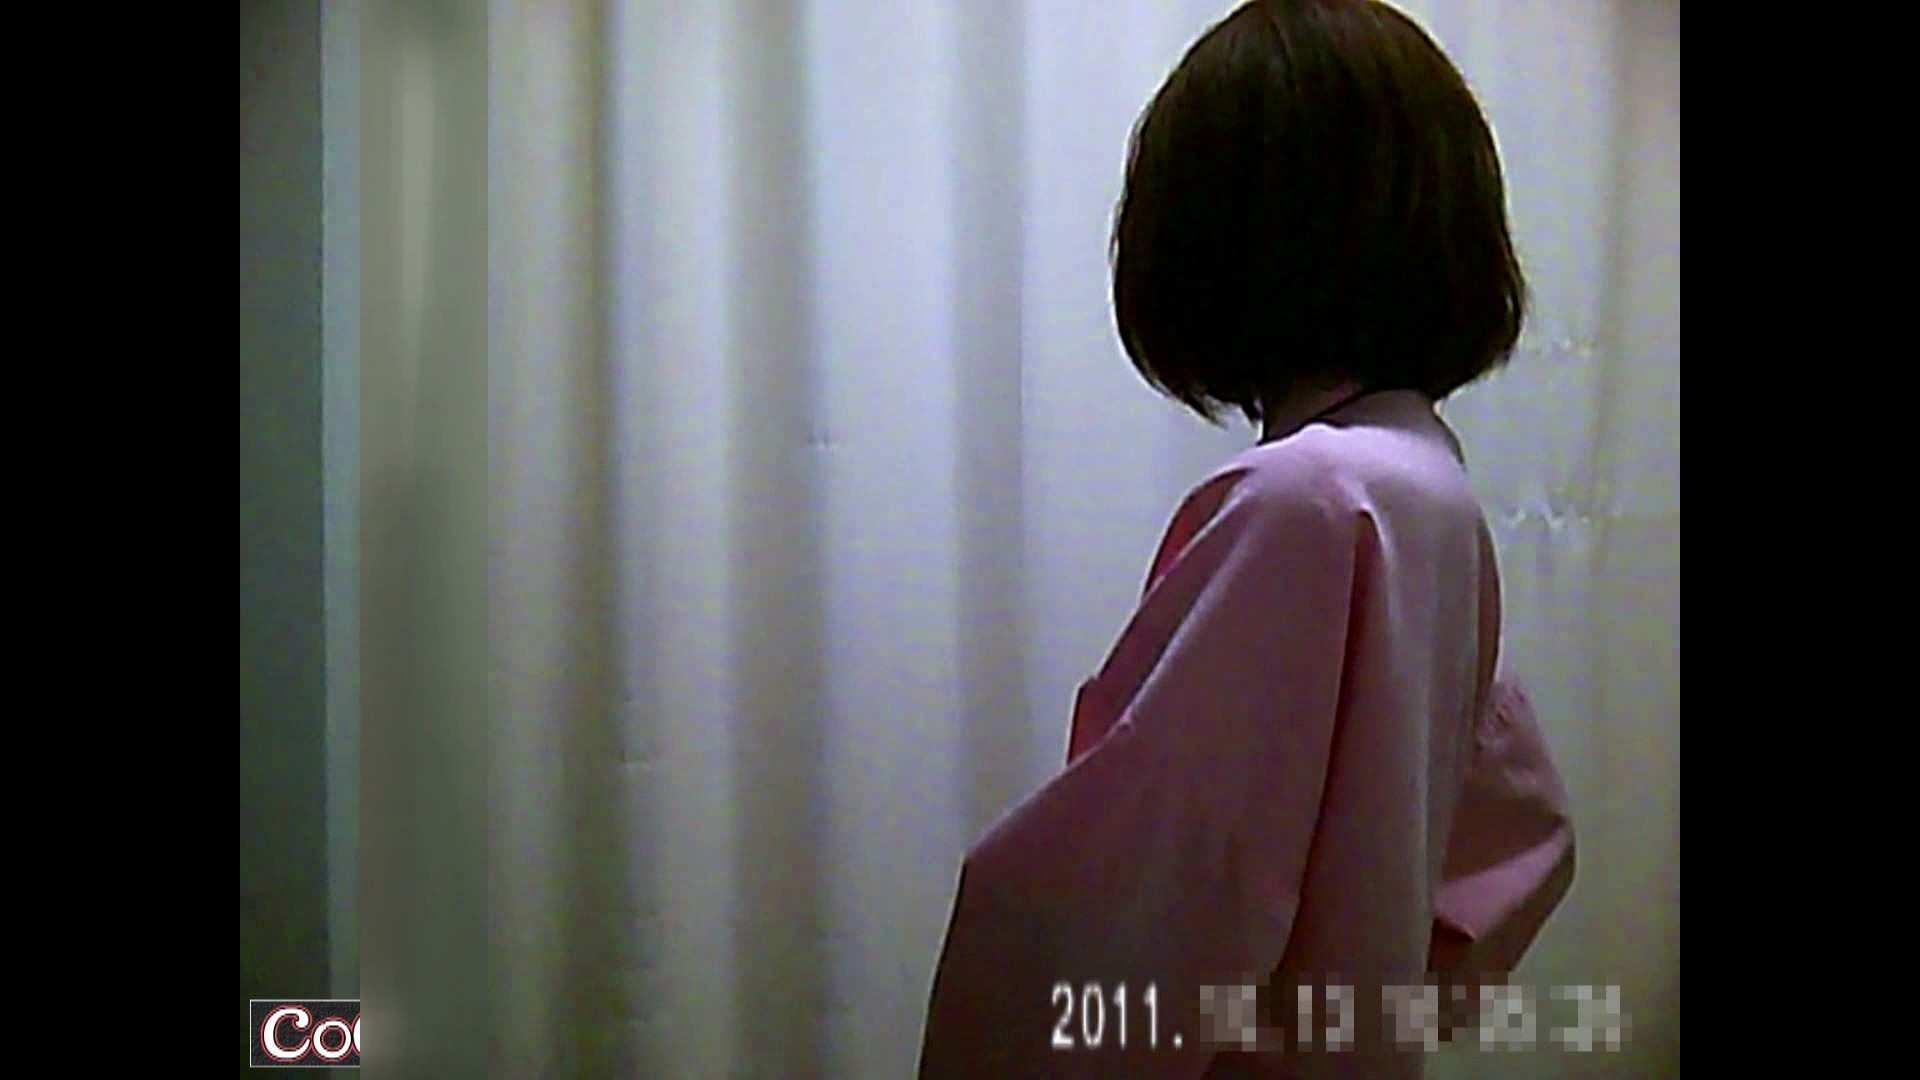 病院おもいっきり着替え! vol.58 乳首ポロリ 覗きオメコ動画キャプチャ 95画像 5